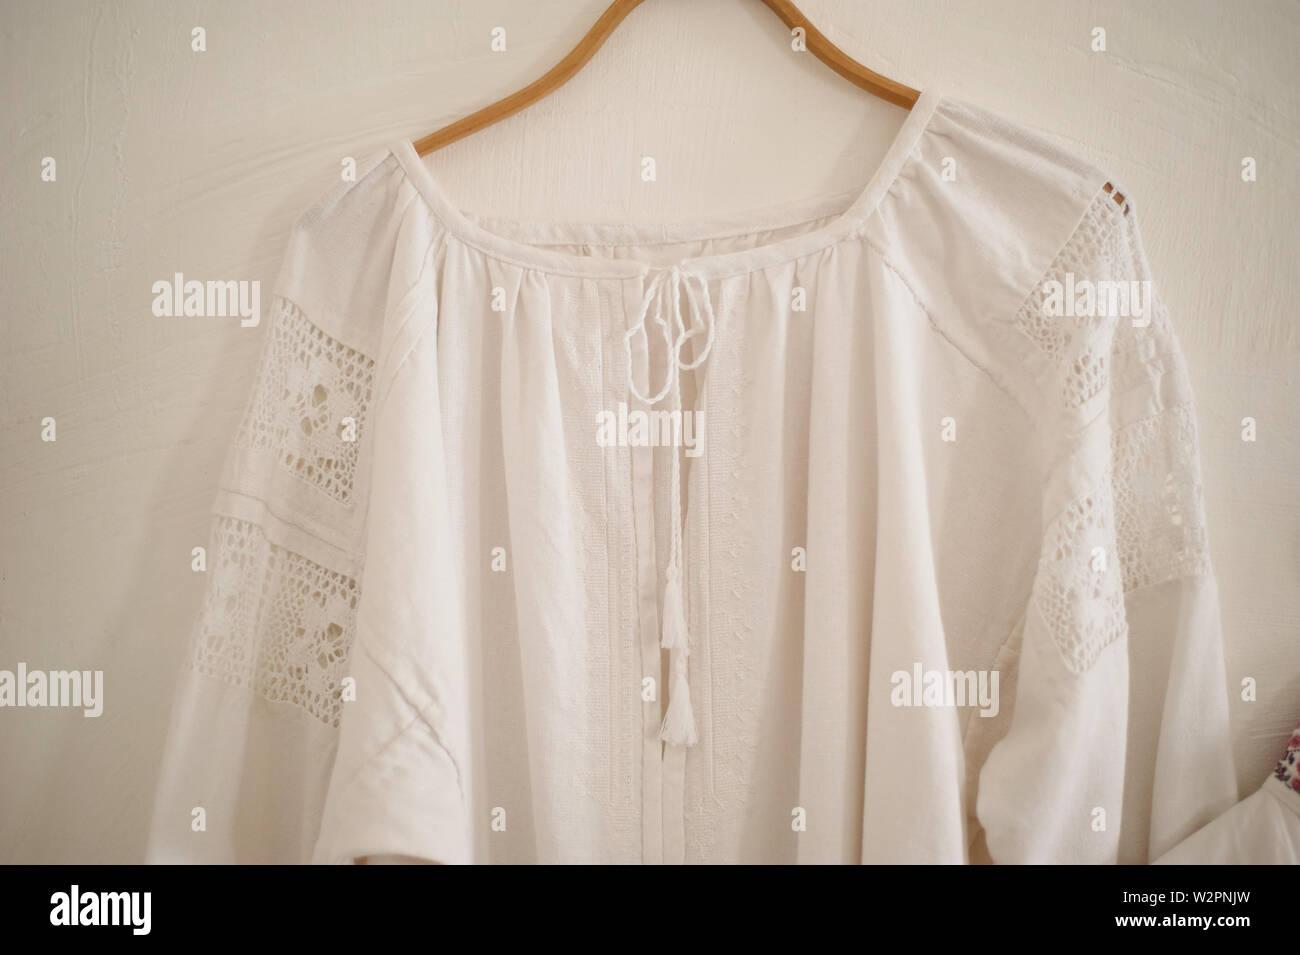 Alte weiße Bettwäsche T-Shirt. Die Tracht der Kosaken. Einfache Stoffe, Ethnien. Stockfoto